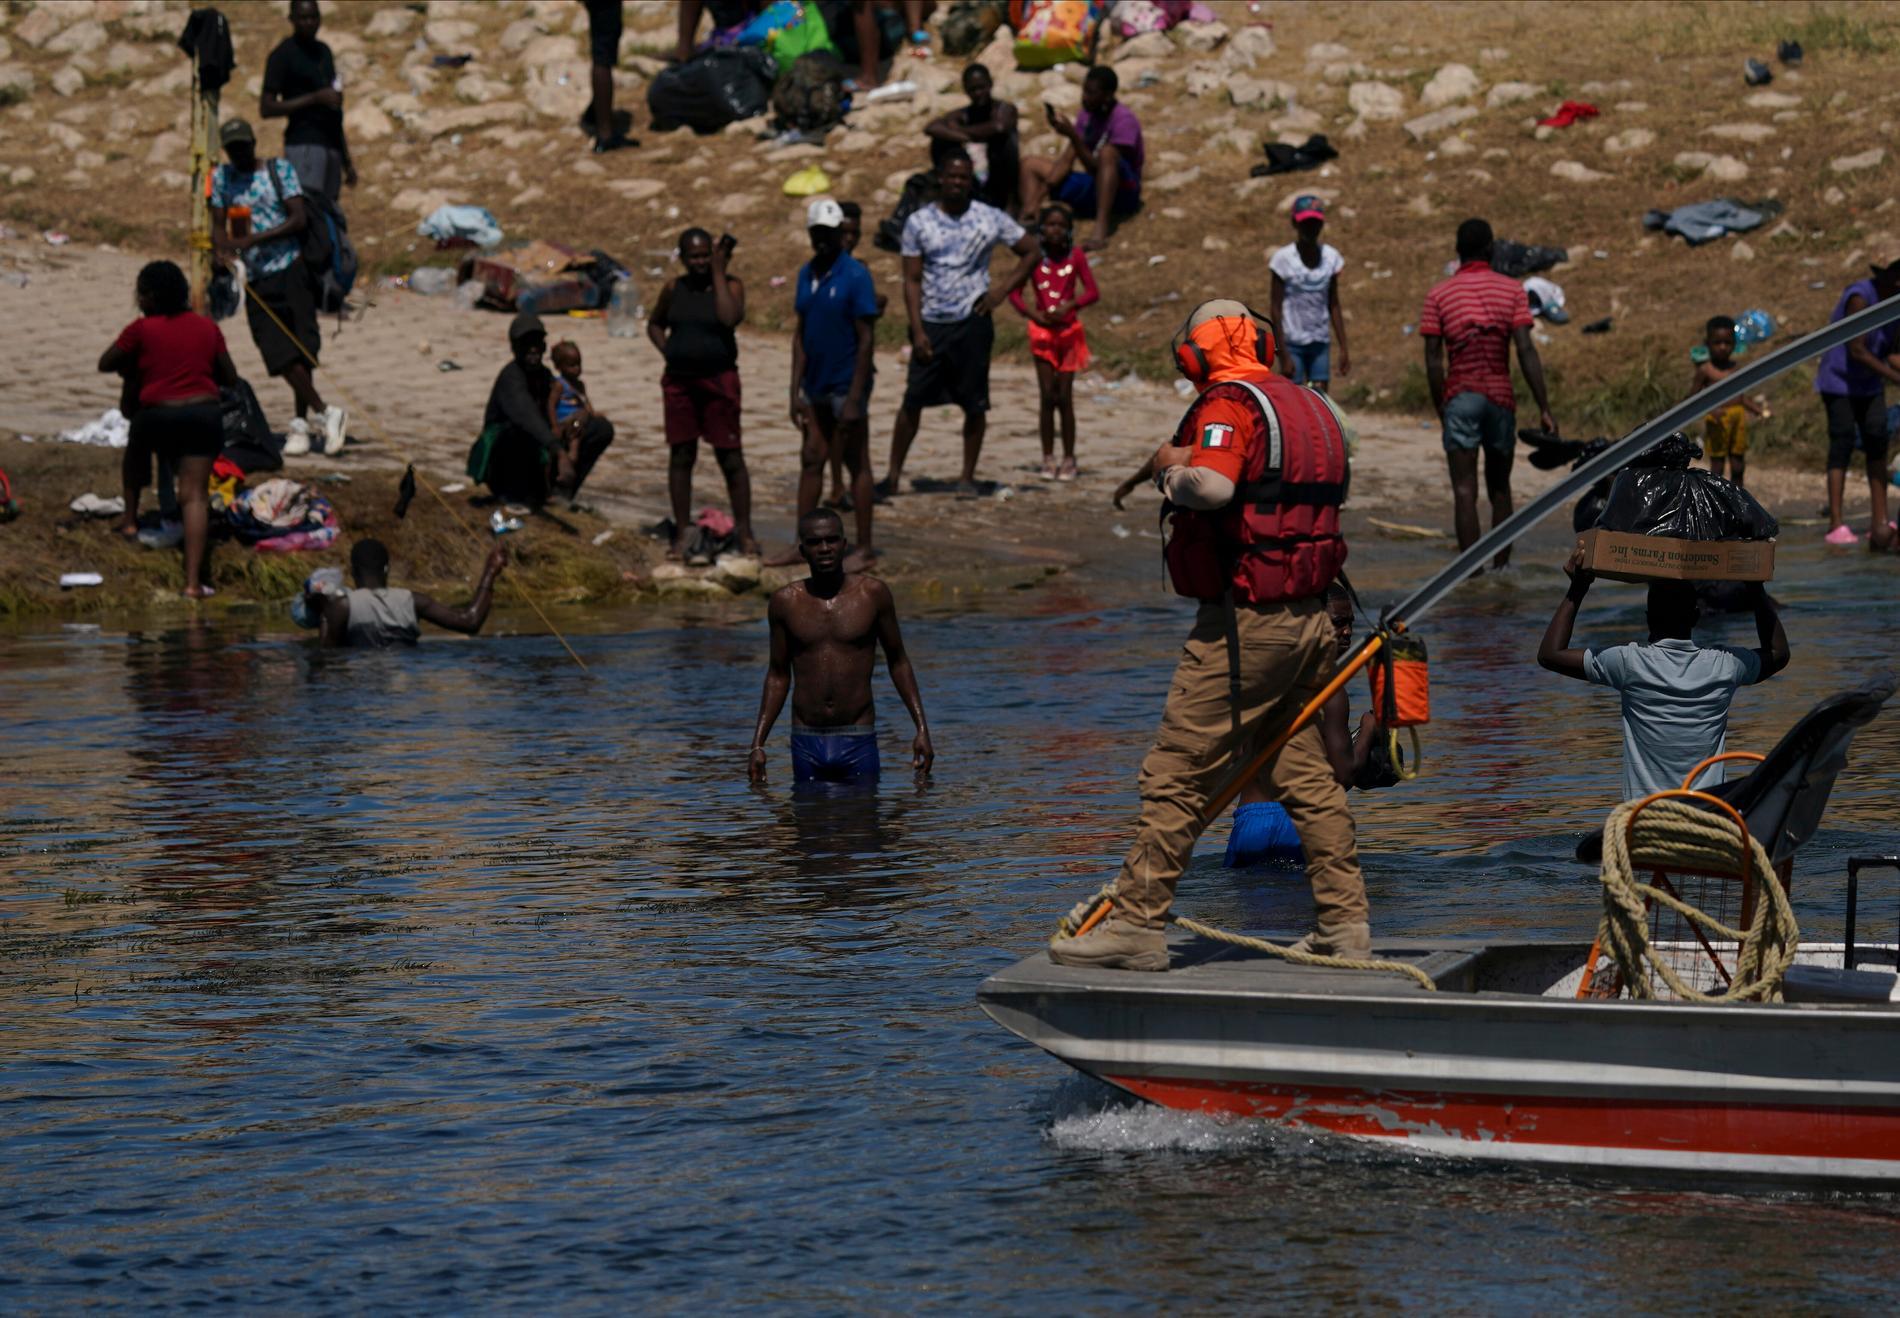 Patruller försöker stoppa migranter i området kring floden Rio Grande vid gränsen mellan städerna Del Rio i Texas och Ciudad Acuña i Mexiko.